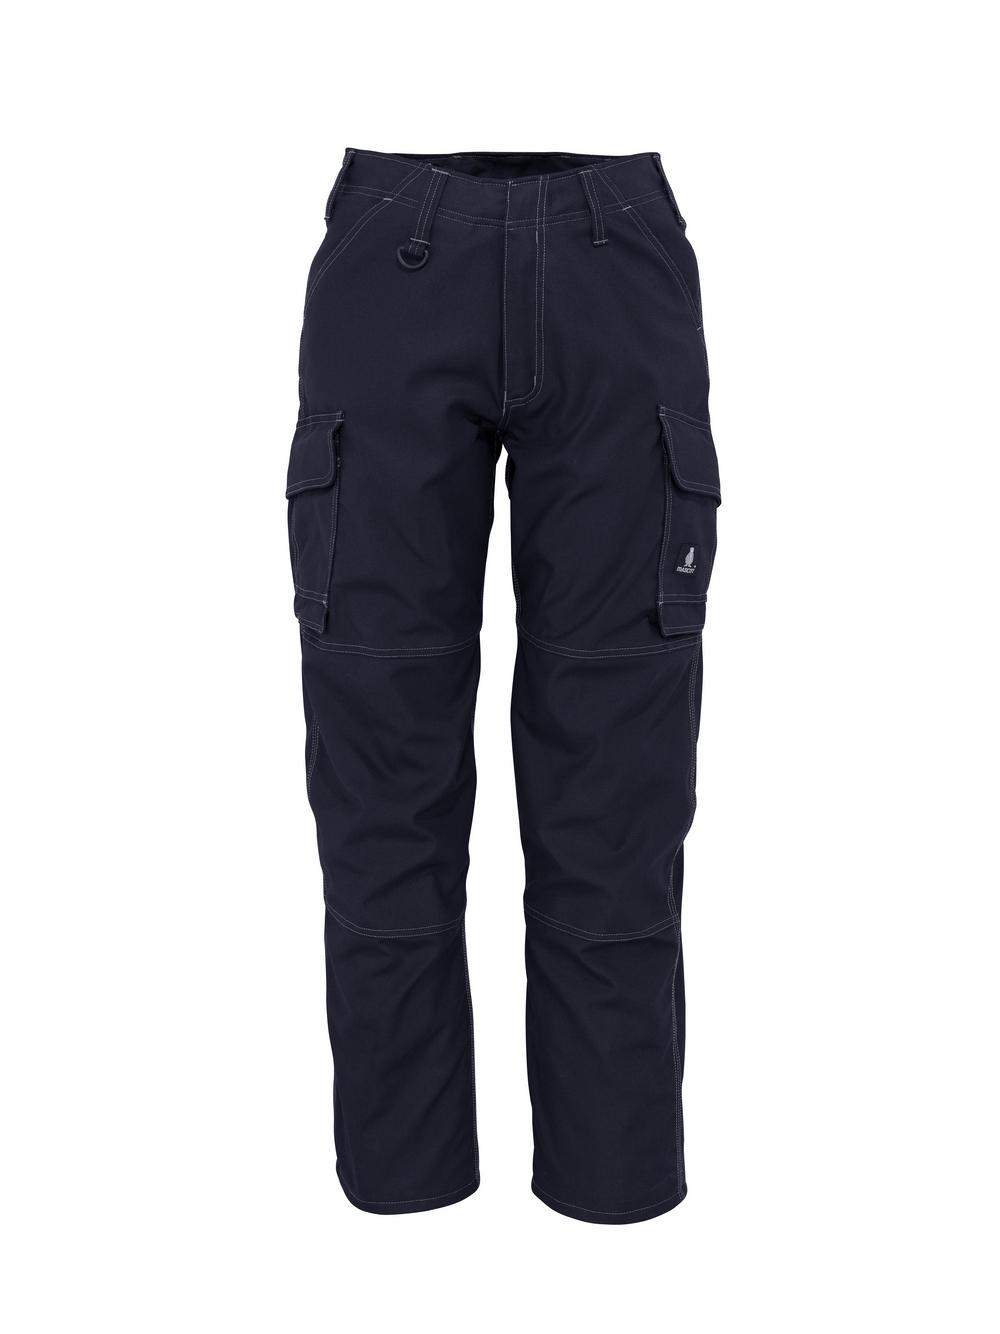 10279-154-010 Pantalones con bolsillos de muslo - azul marino oscuro